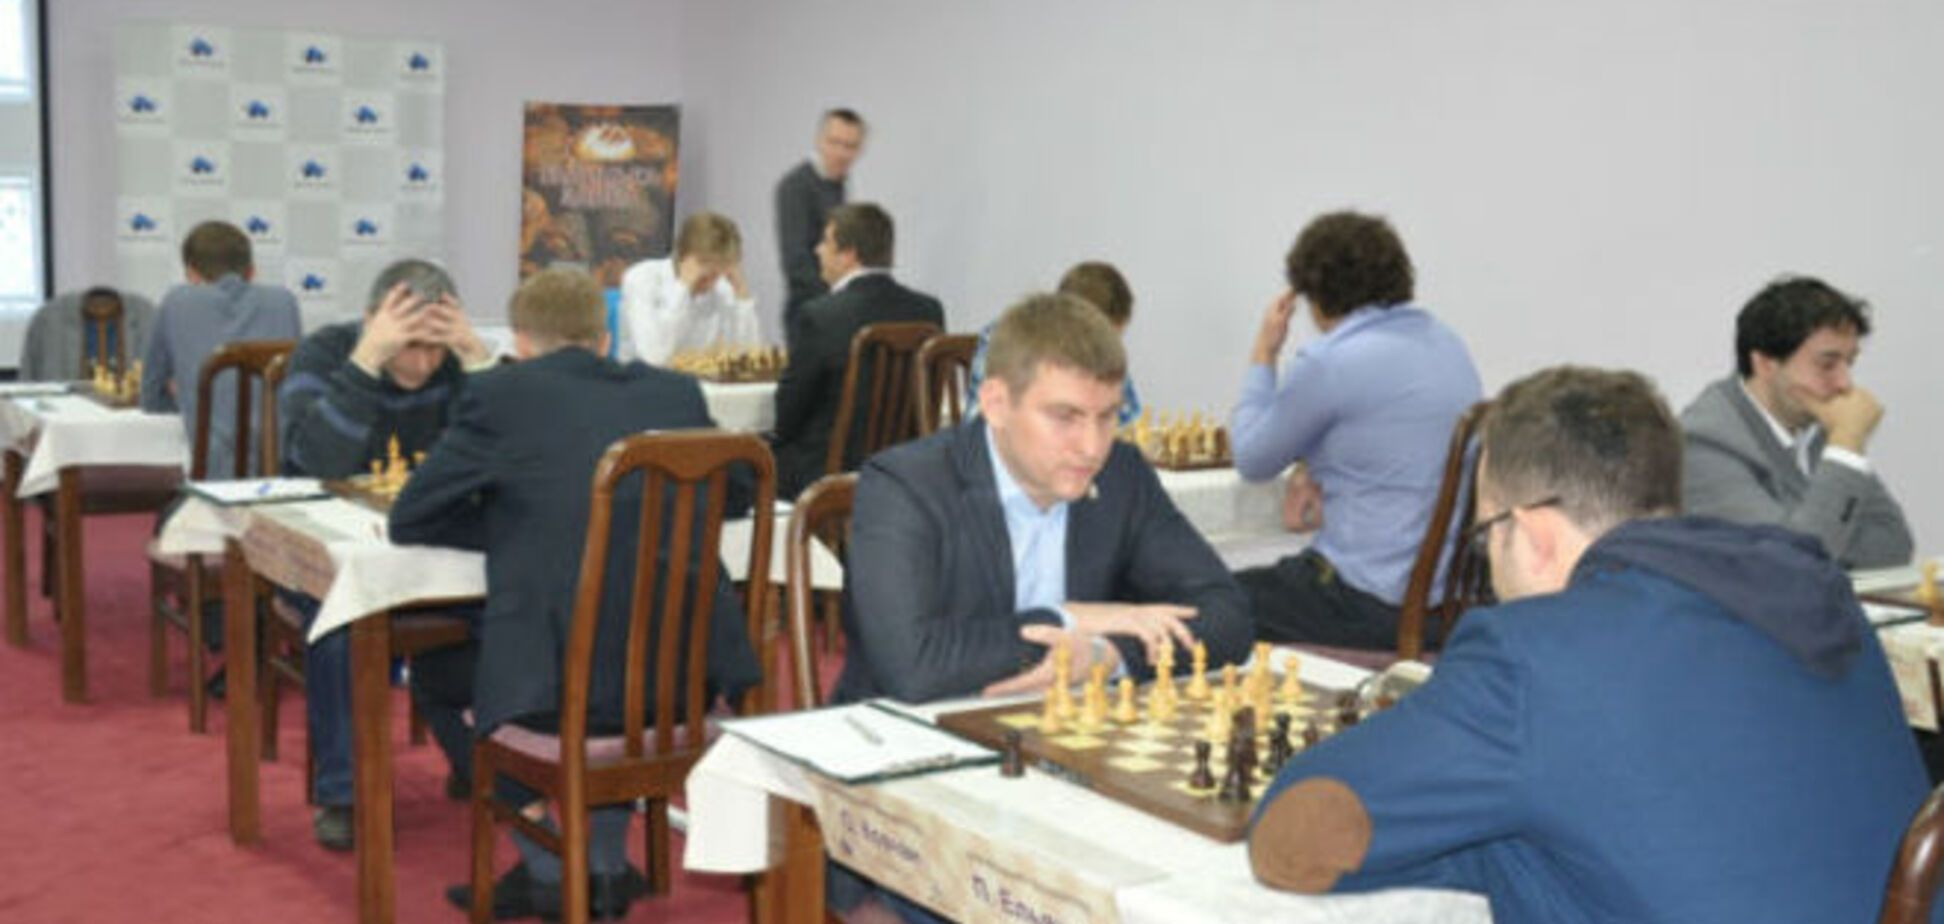 Чемпионат Украины по шахматам завершился триллером